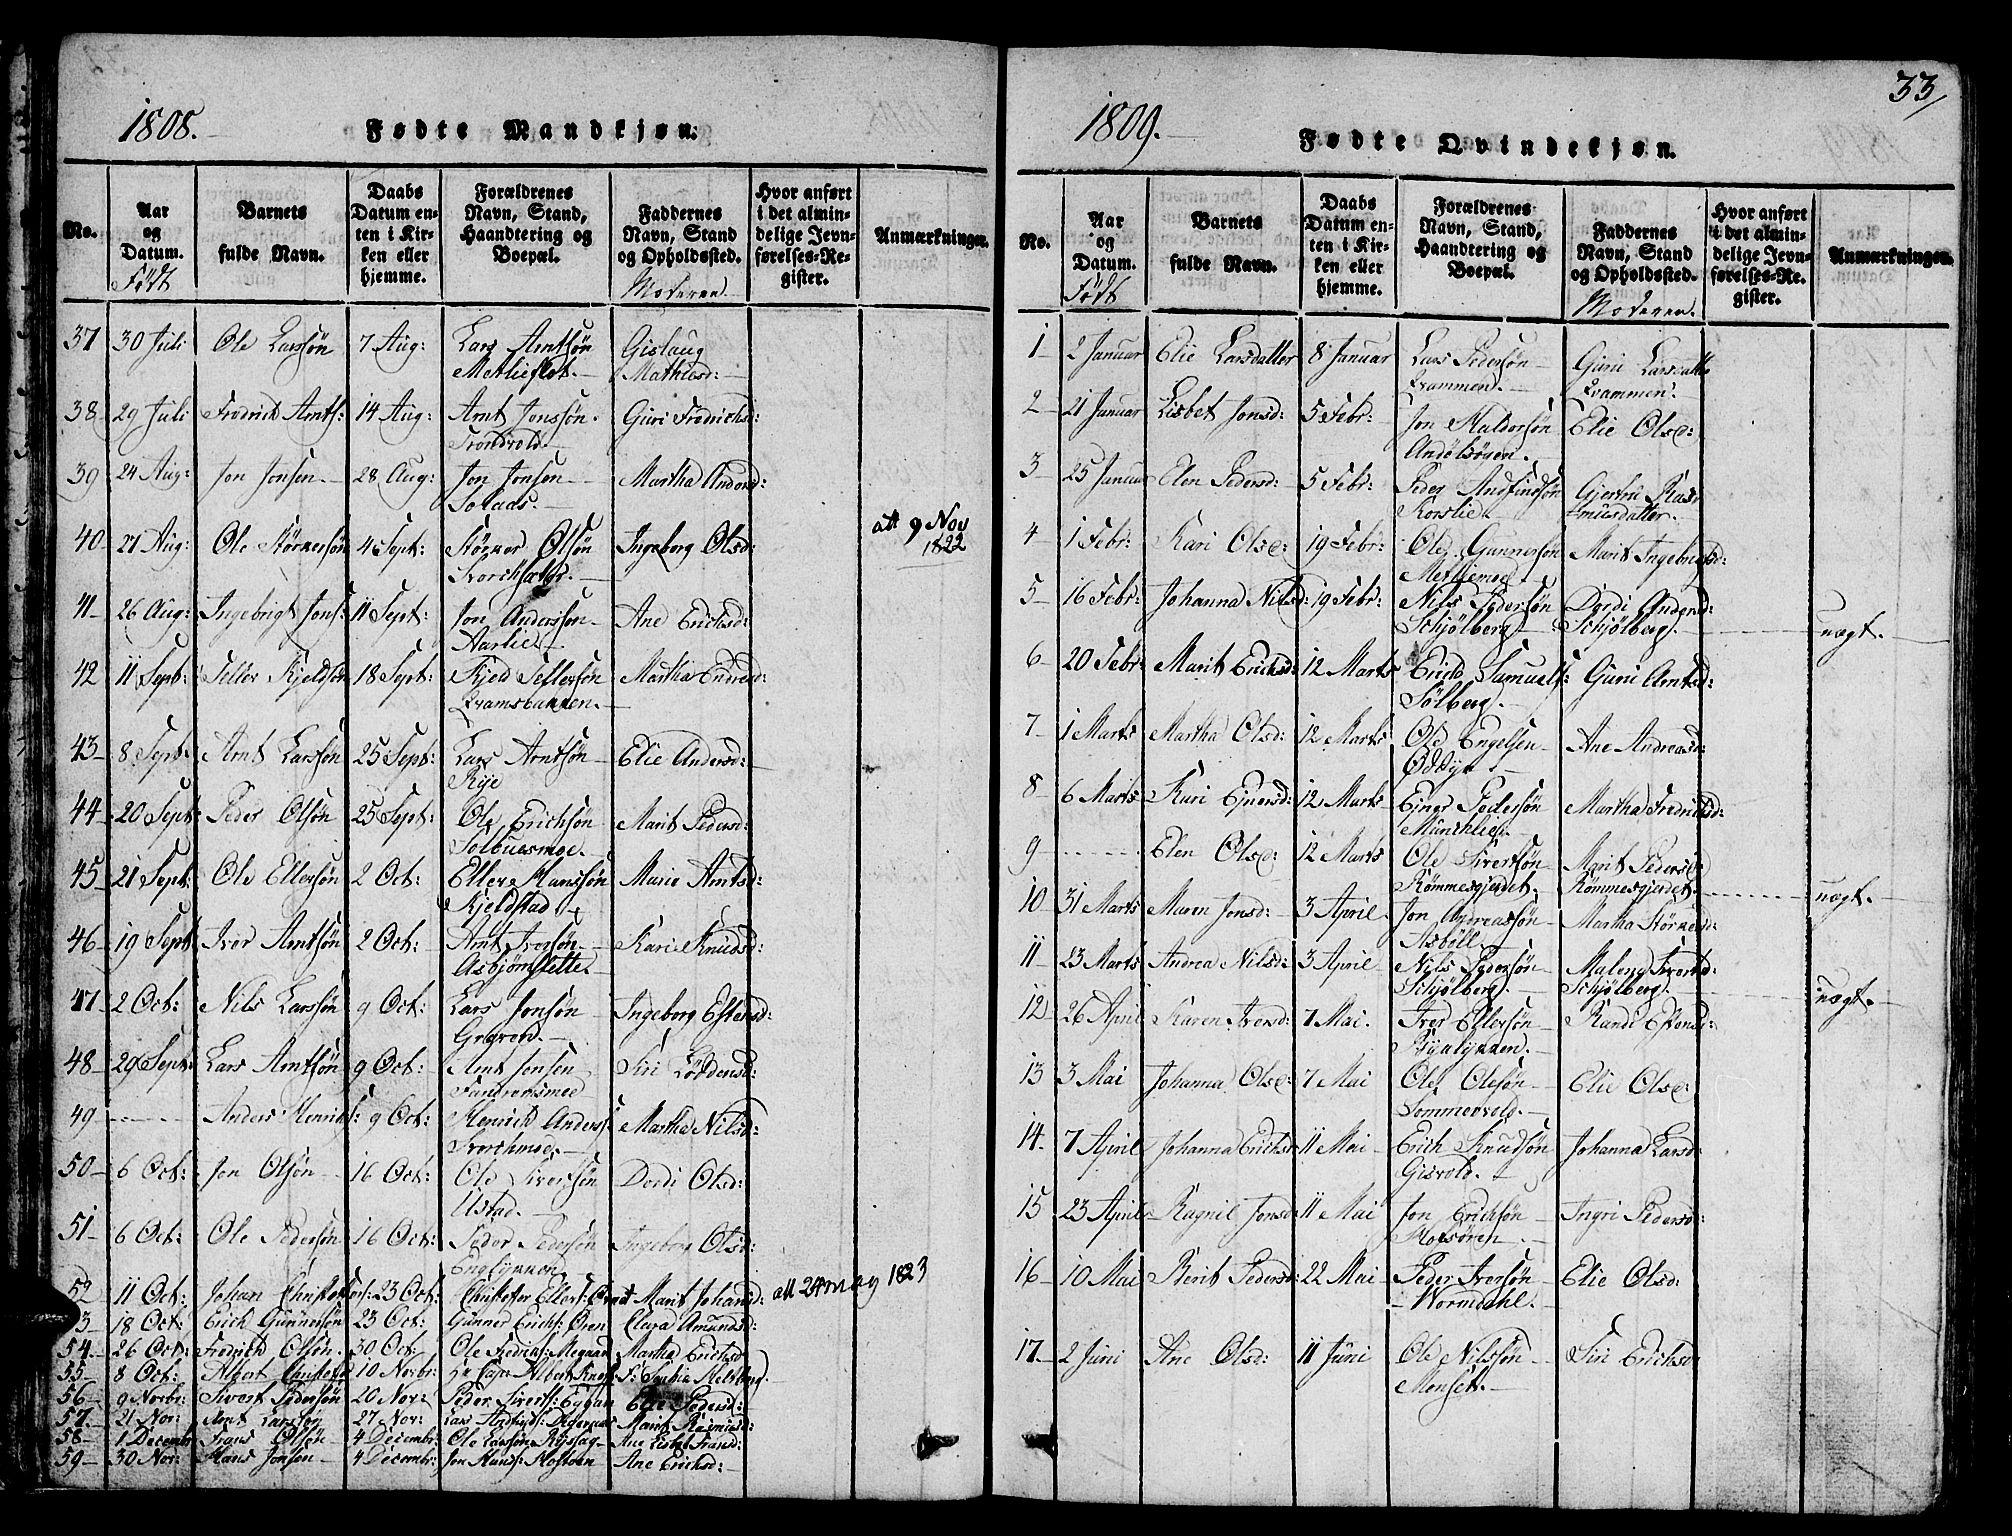 SAT, Ministerialprotokoller, klokkerbøker og fødselsregistre - Sør-Trøndelag, 668/L0803: Ministerialbok nr. 668A03, 1800-1826, s. 33